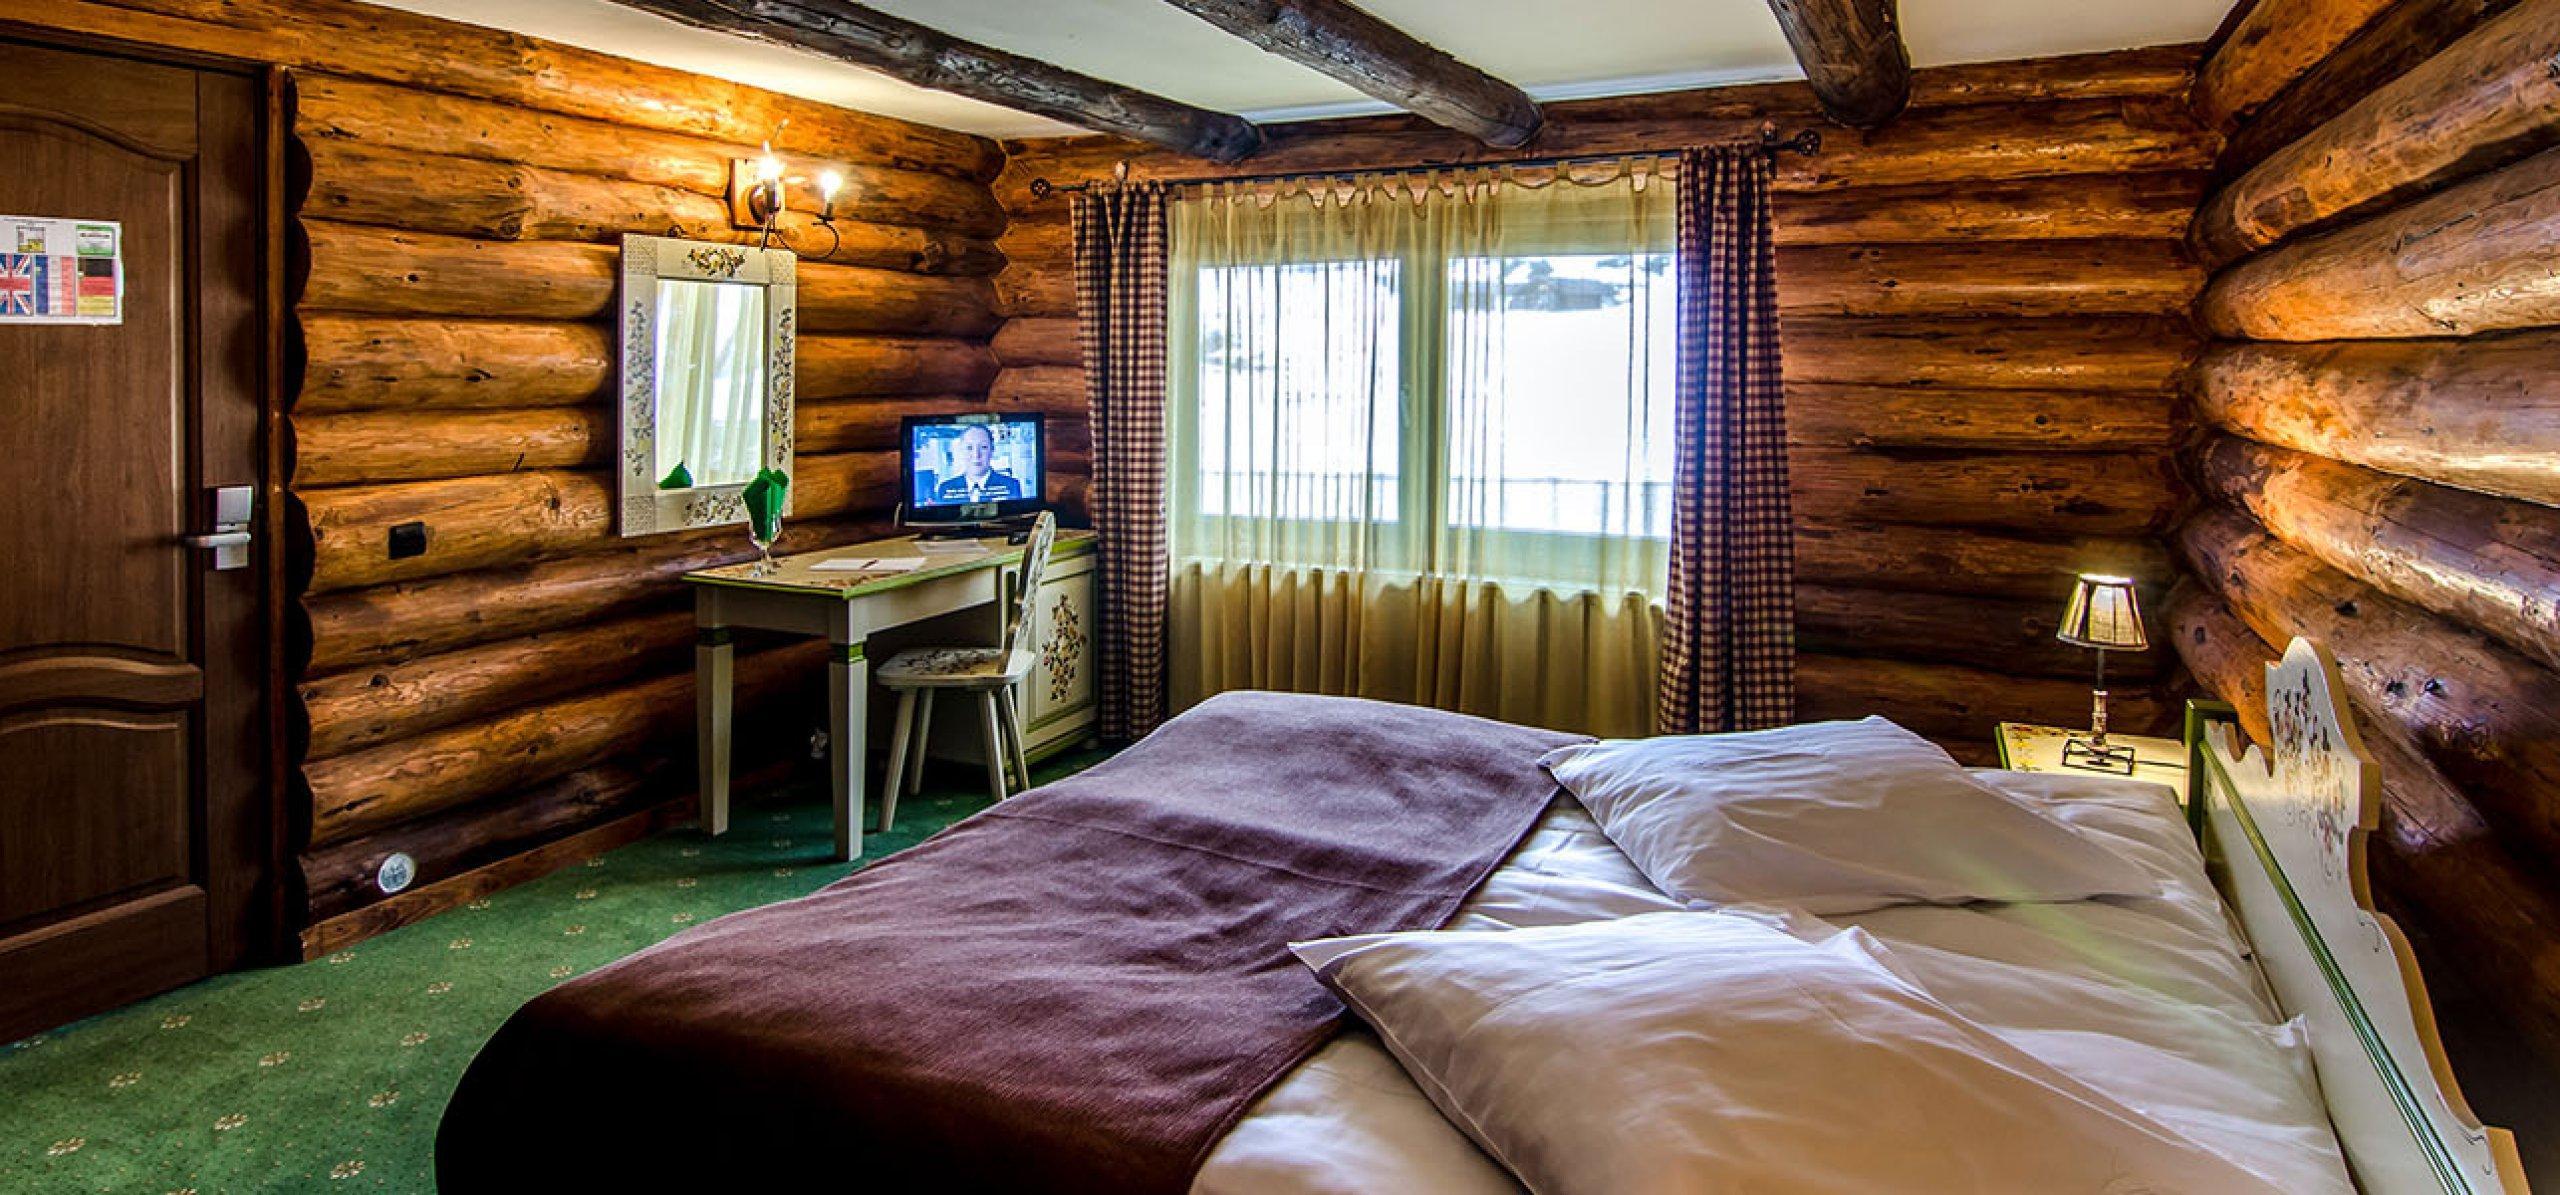 camera-rustic-vila-carpenul-cazare-cheile-gradistei-fundata